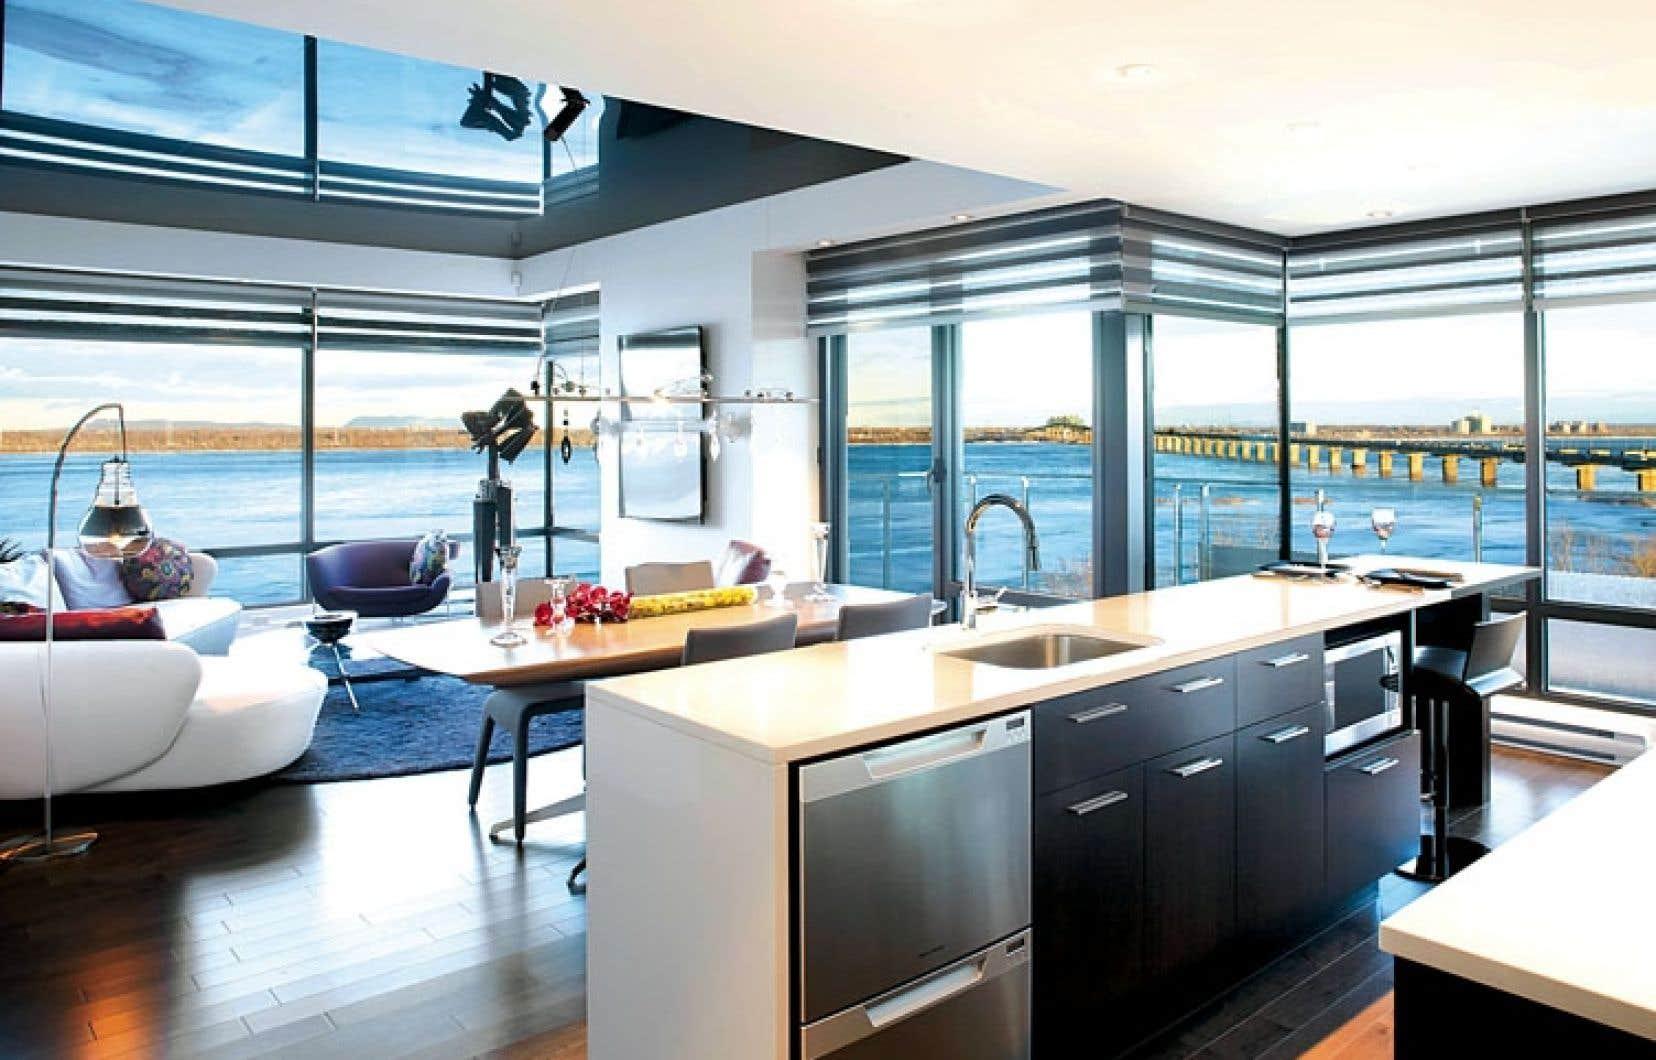 Les appartements ont une fenestration abondante qui laisse pénétrer la lumière naturelle et permet d'admirer le magnifique panorama qu'offre le fleuve Saint-Laurent.